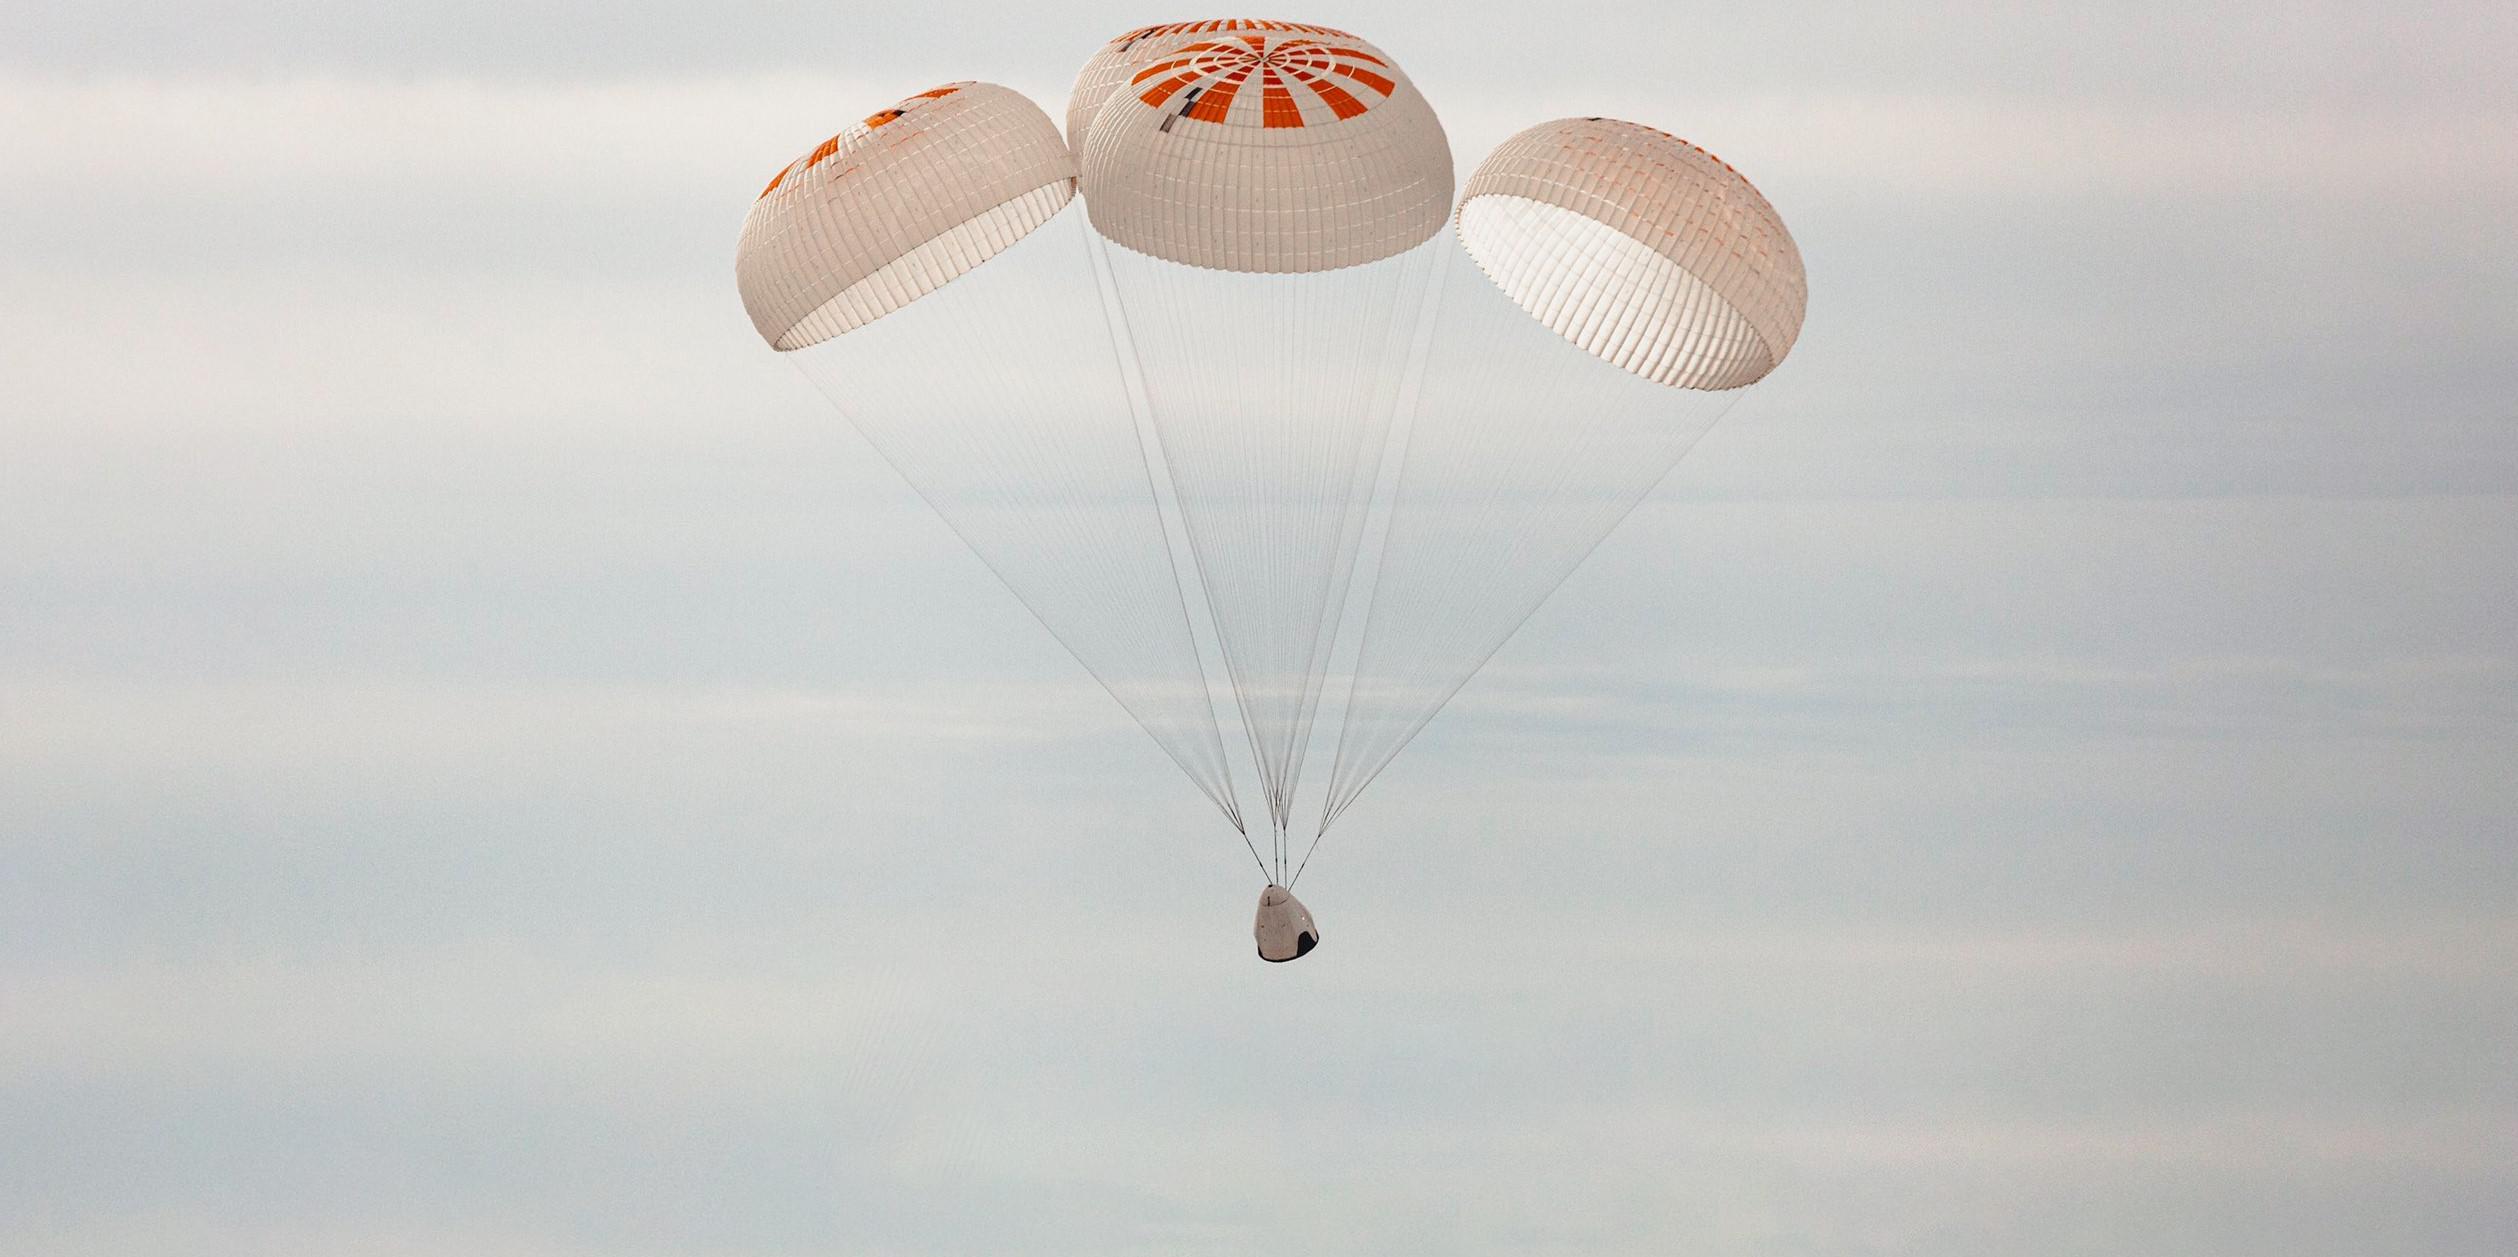 Crew Dragon Mk3 four parachute testing Dec 2019 (SpaceX) 10th test 1 crop edit